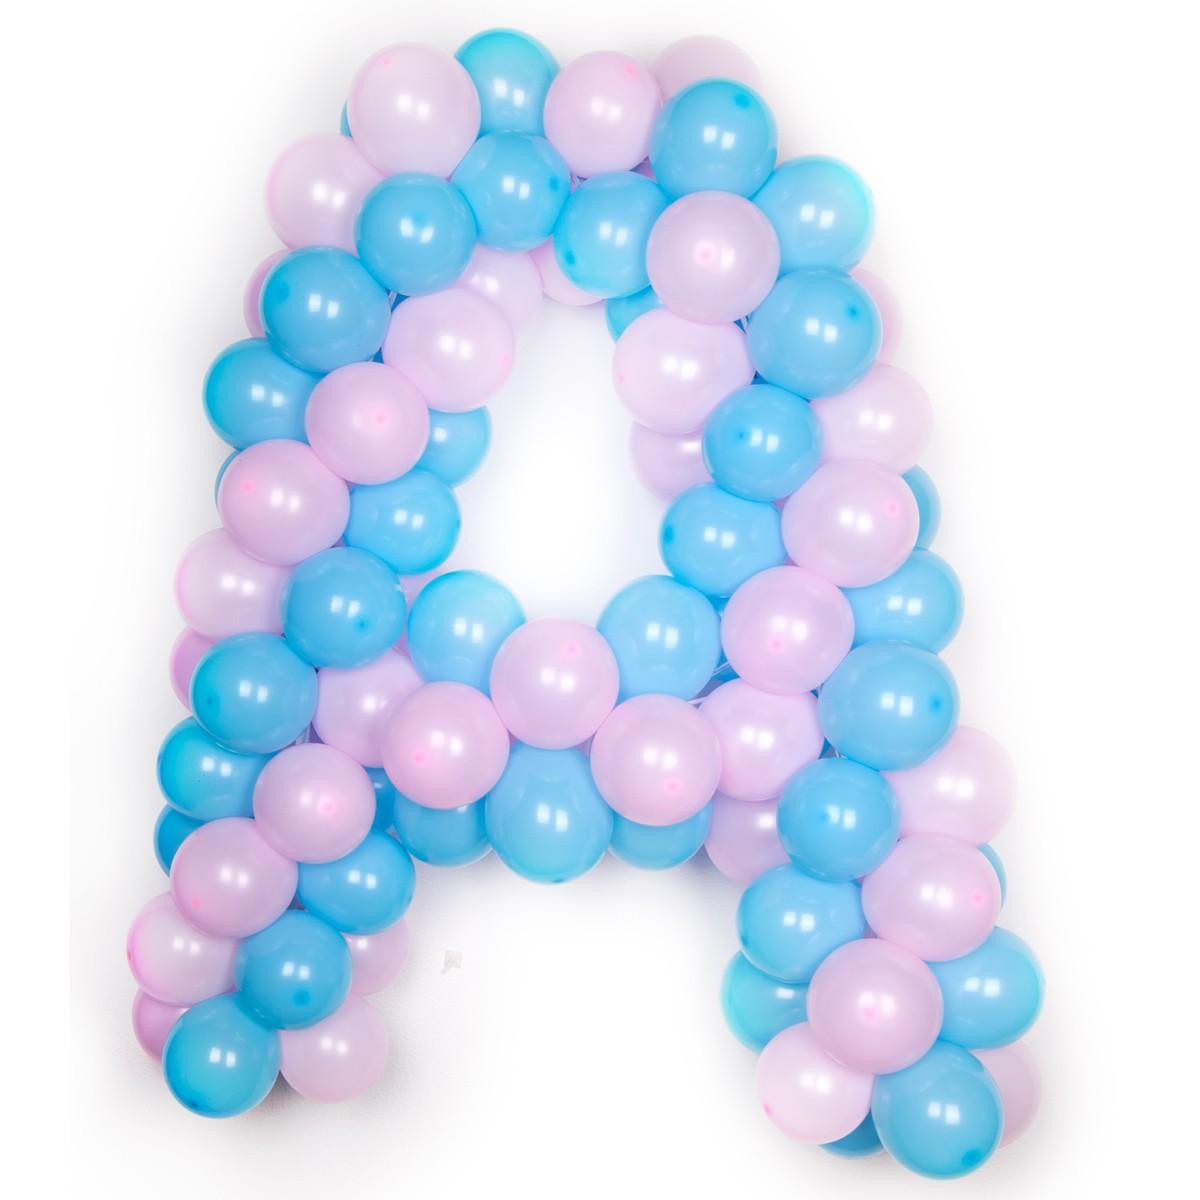 Буквы из шаров фото в интернет-магазине Шарики 24